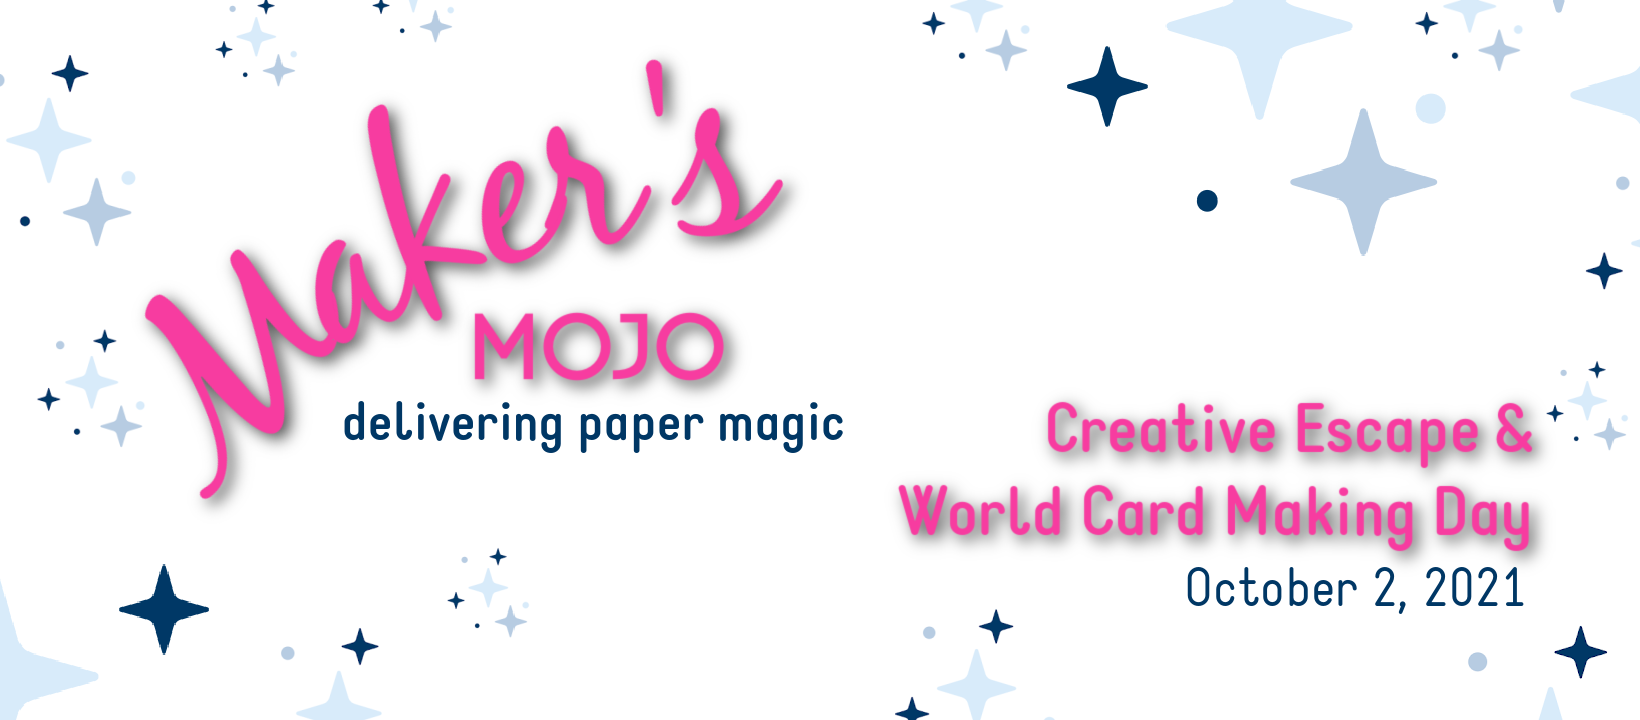 Makers Mojo Creative Escape Oct 2021